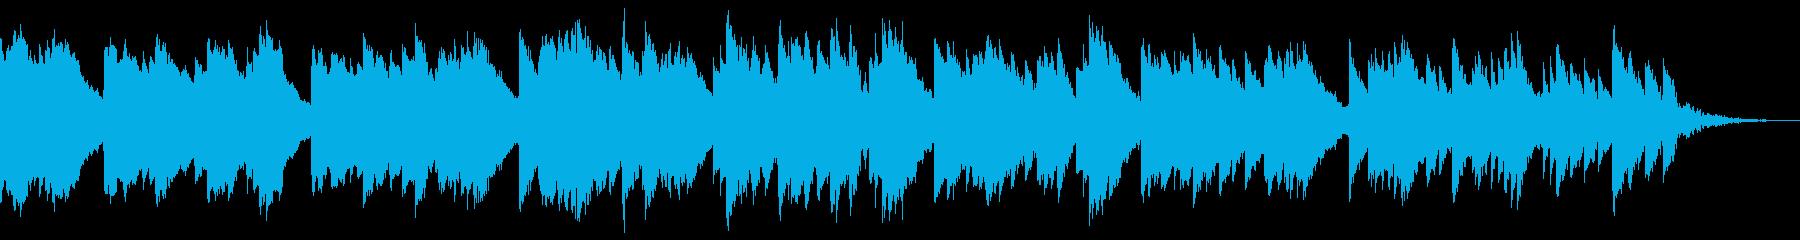 氷のチェレスタ!透明感あふれる感動BGMの再生済みの波形